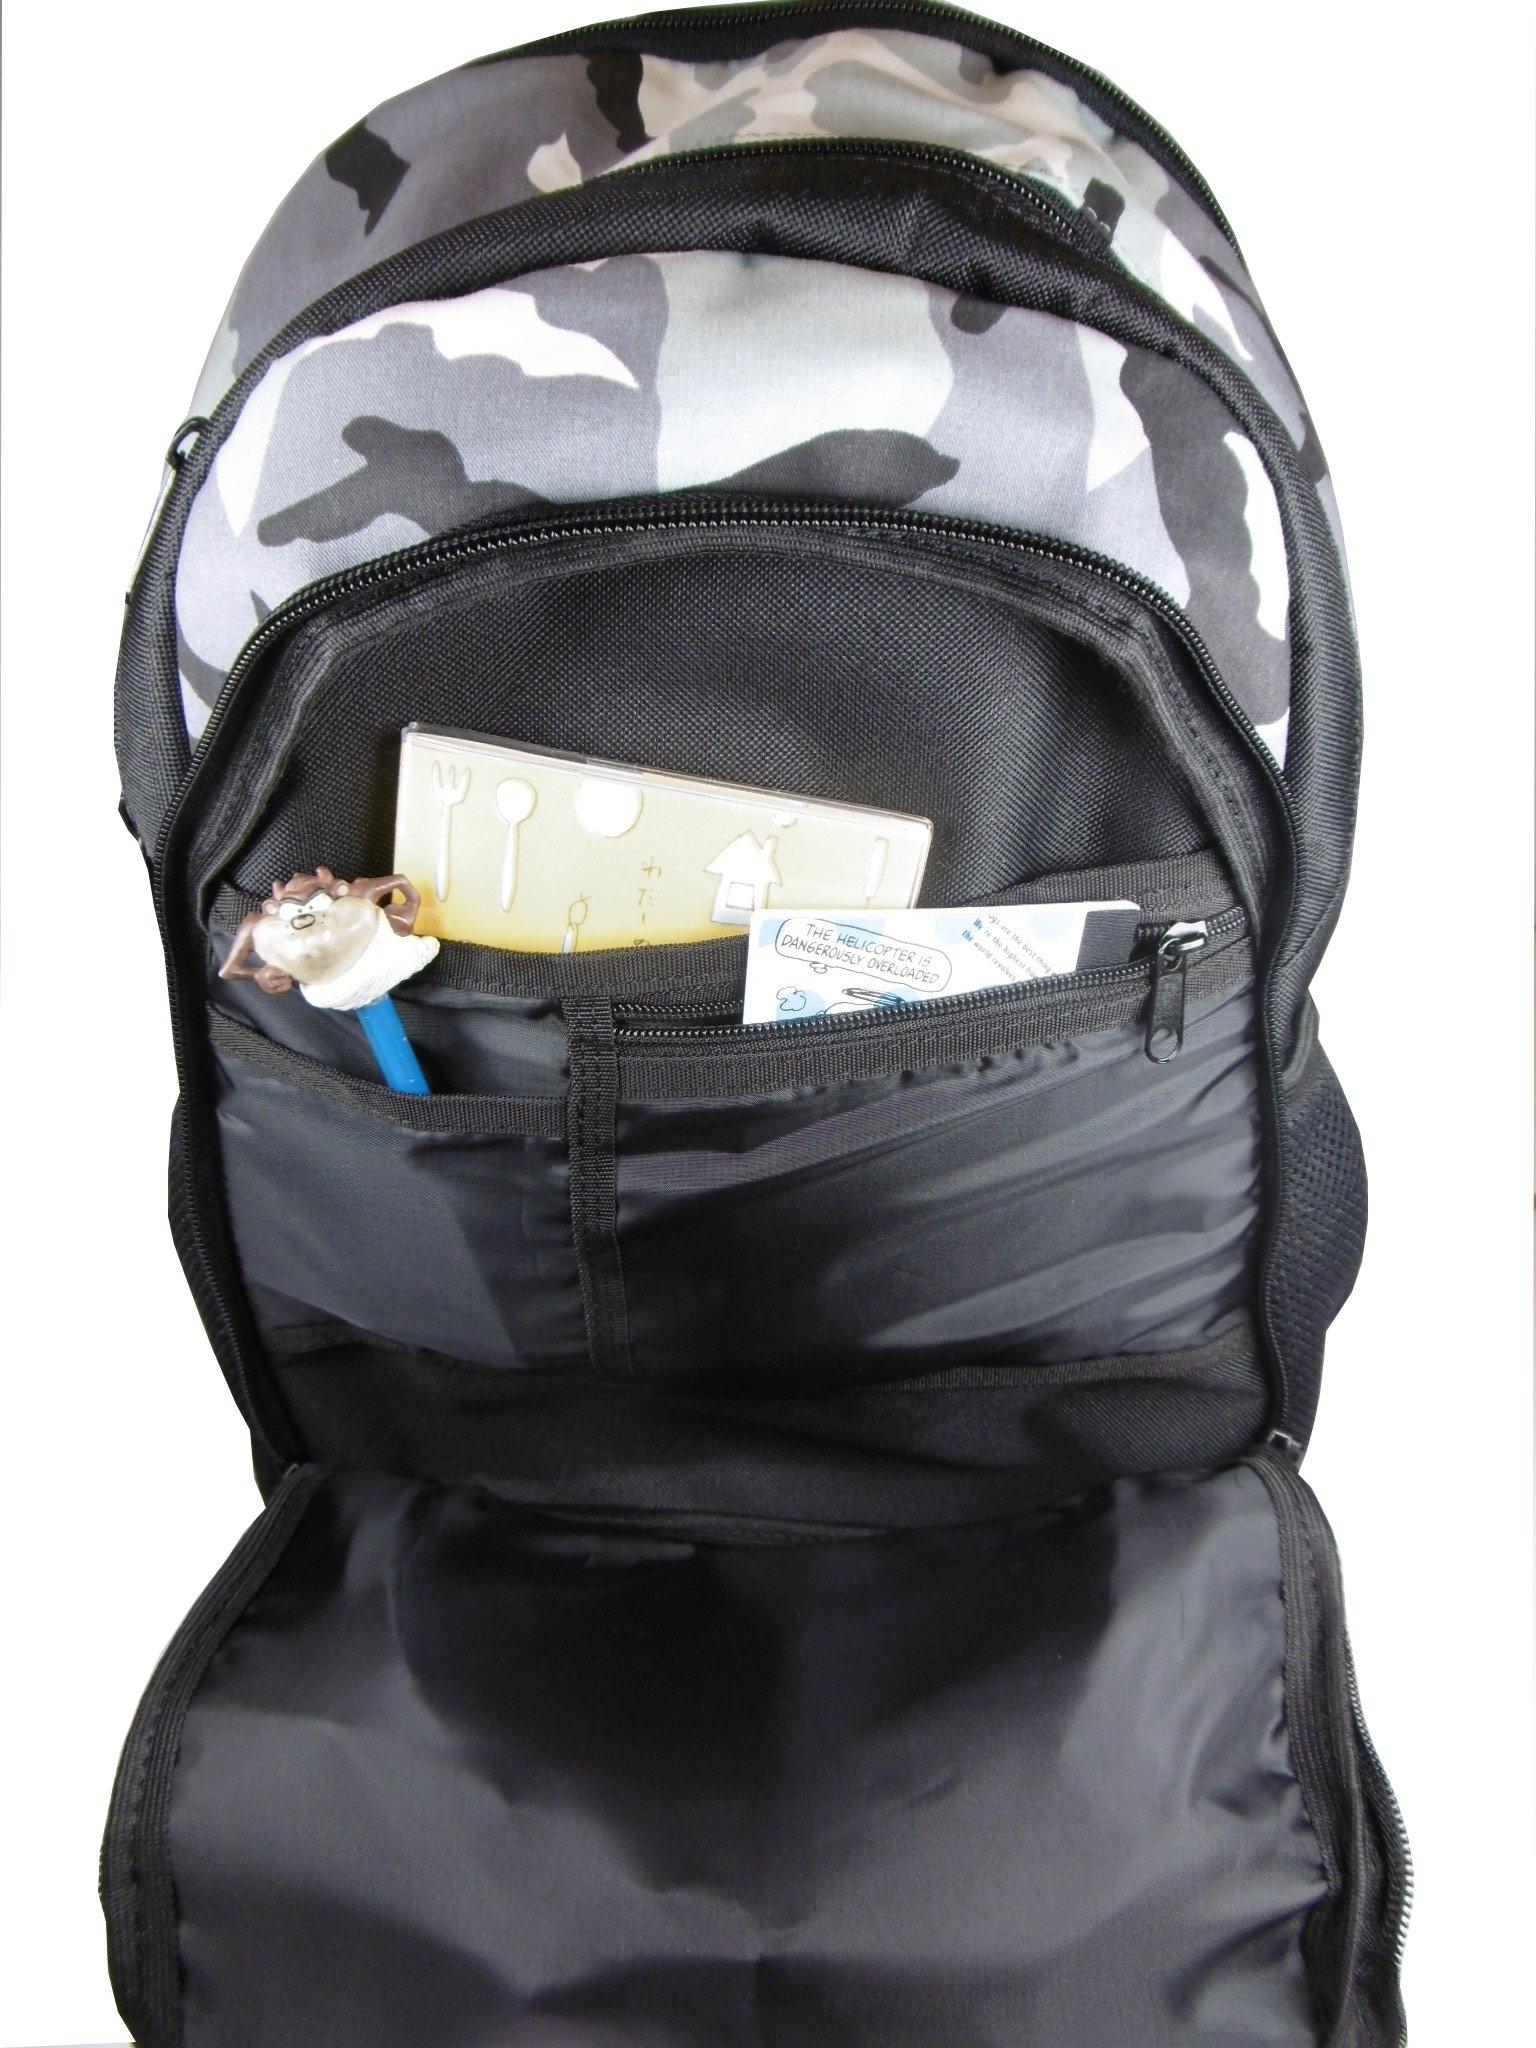 73c85d26cb66c Plecak szkolny moro plecak wycieczkowy turystyczny - 6833922149 ...